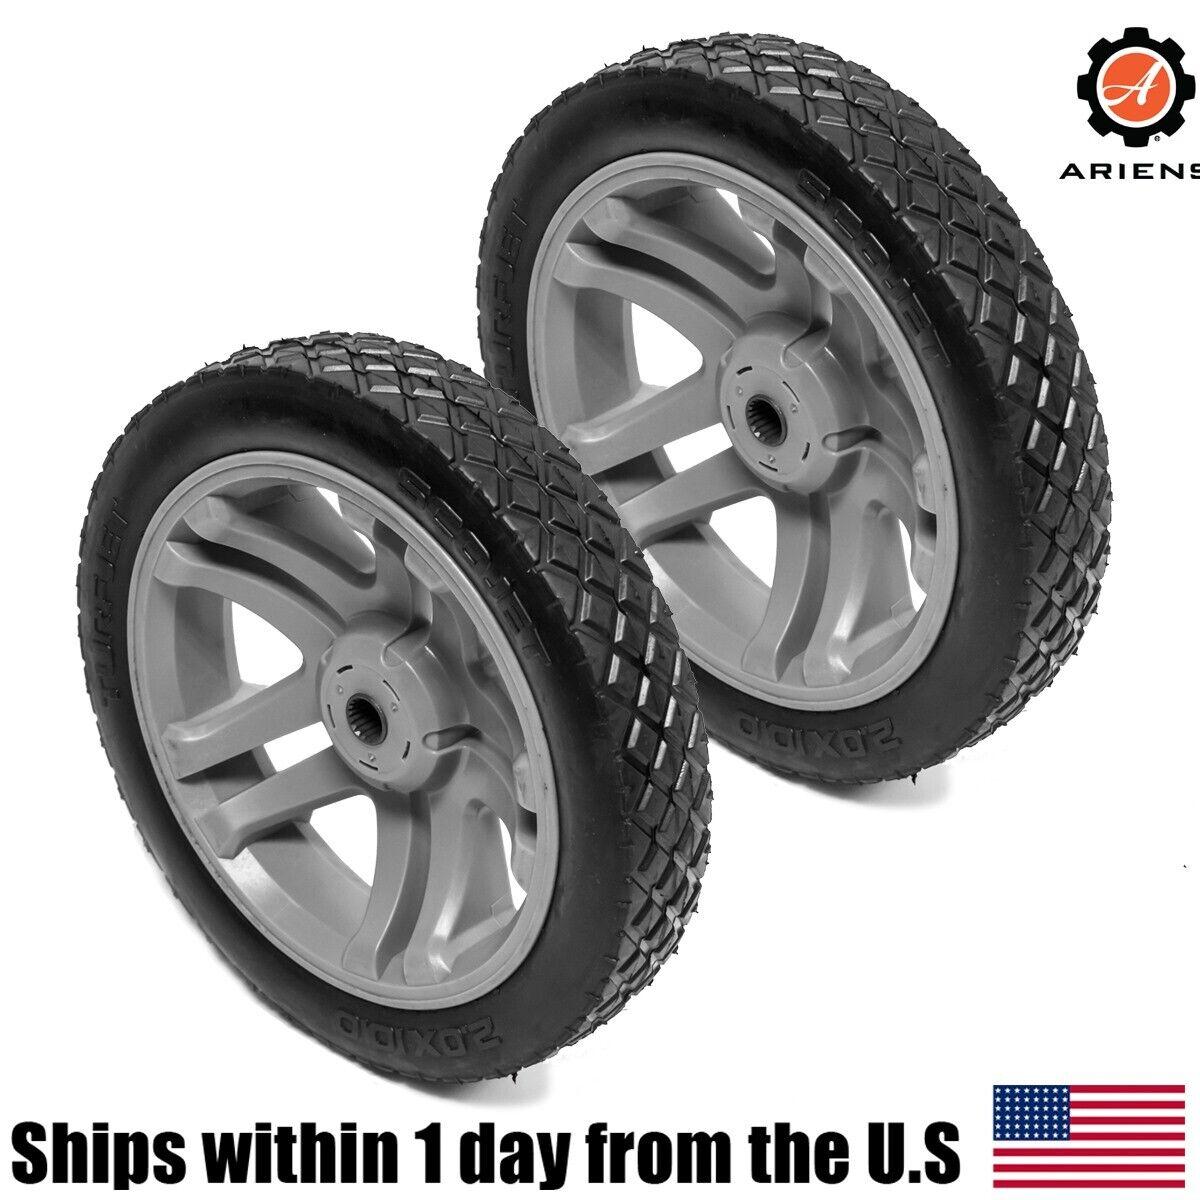 Genuine OEM Ariens Mower Rear Wheel Updated Kit 51115900 LM